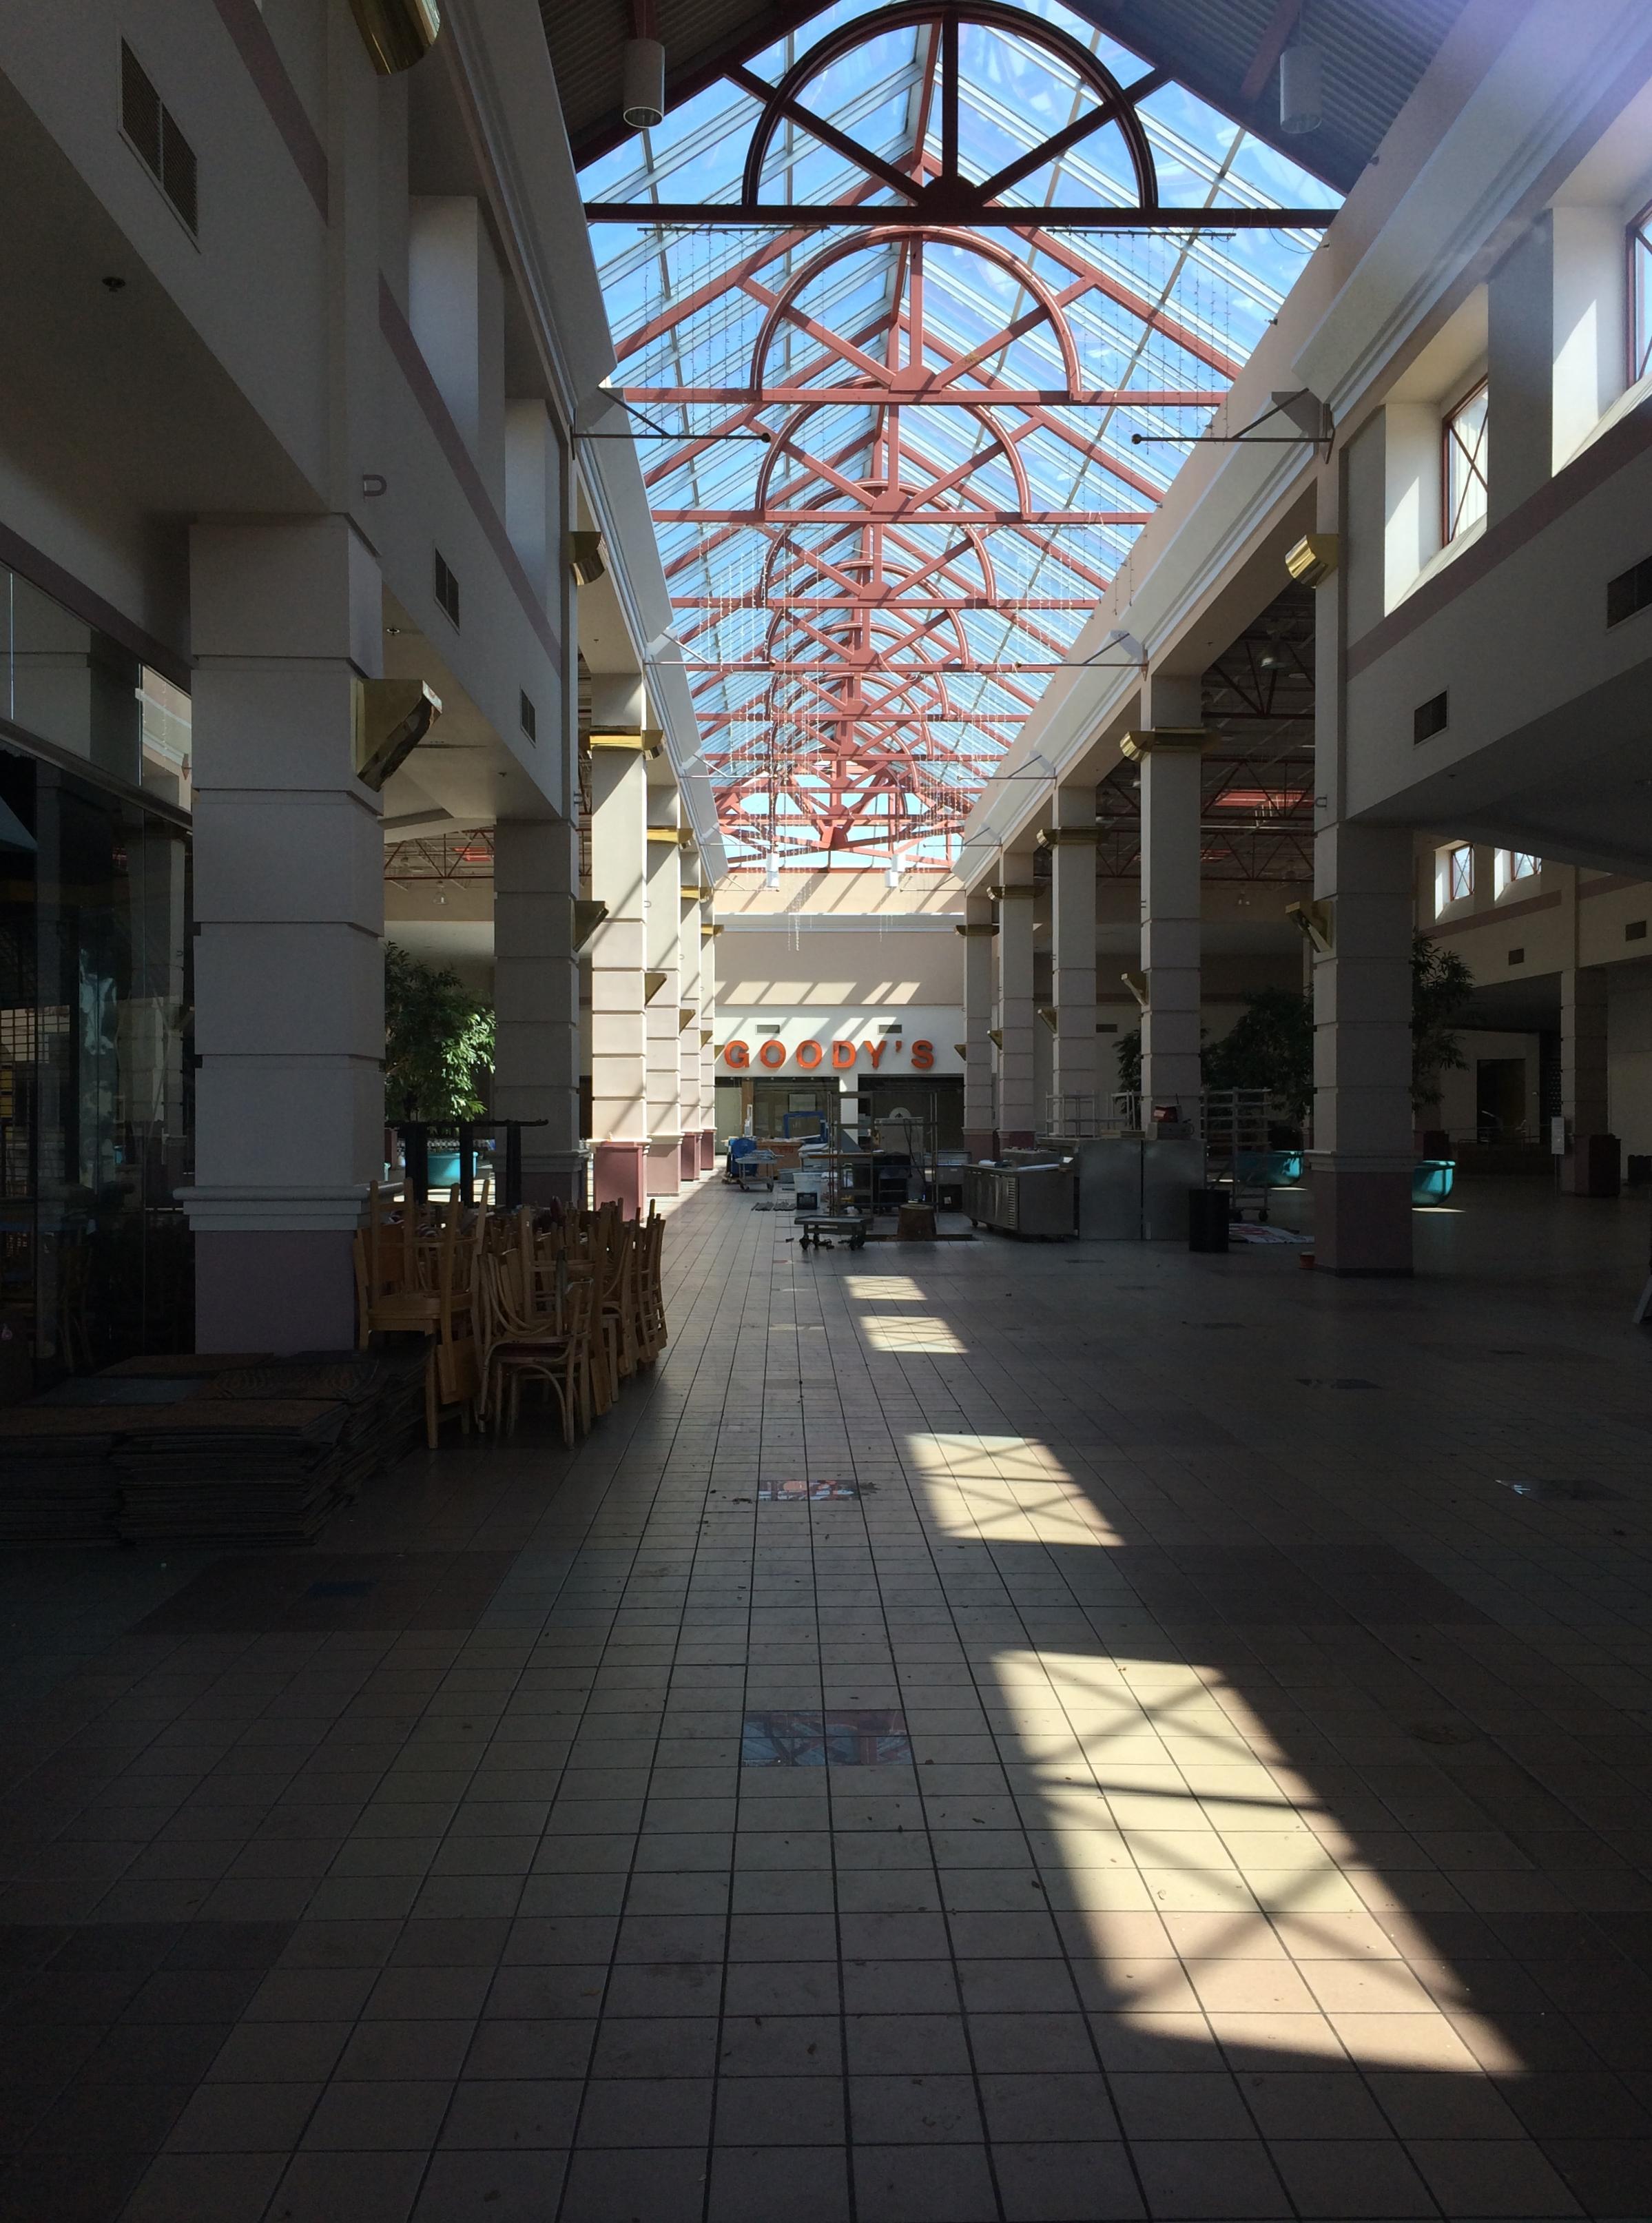 e76f44cb33 McFarland Mall - Wikipedia